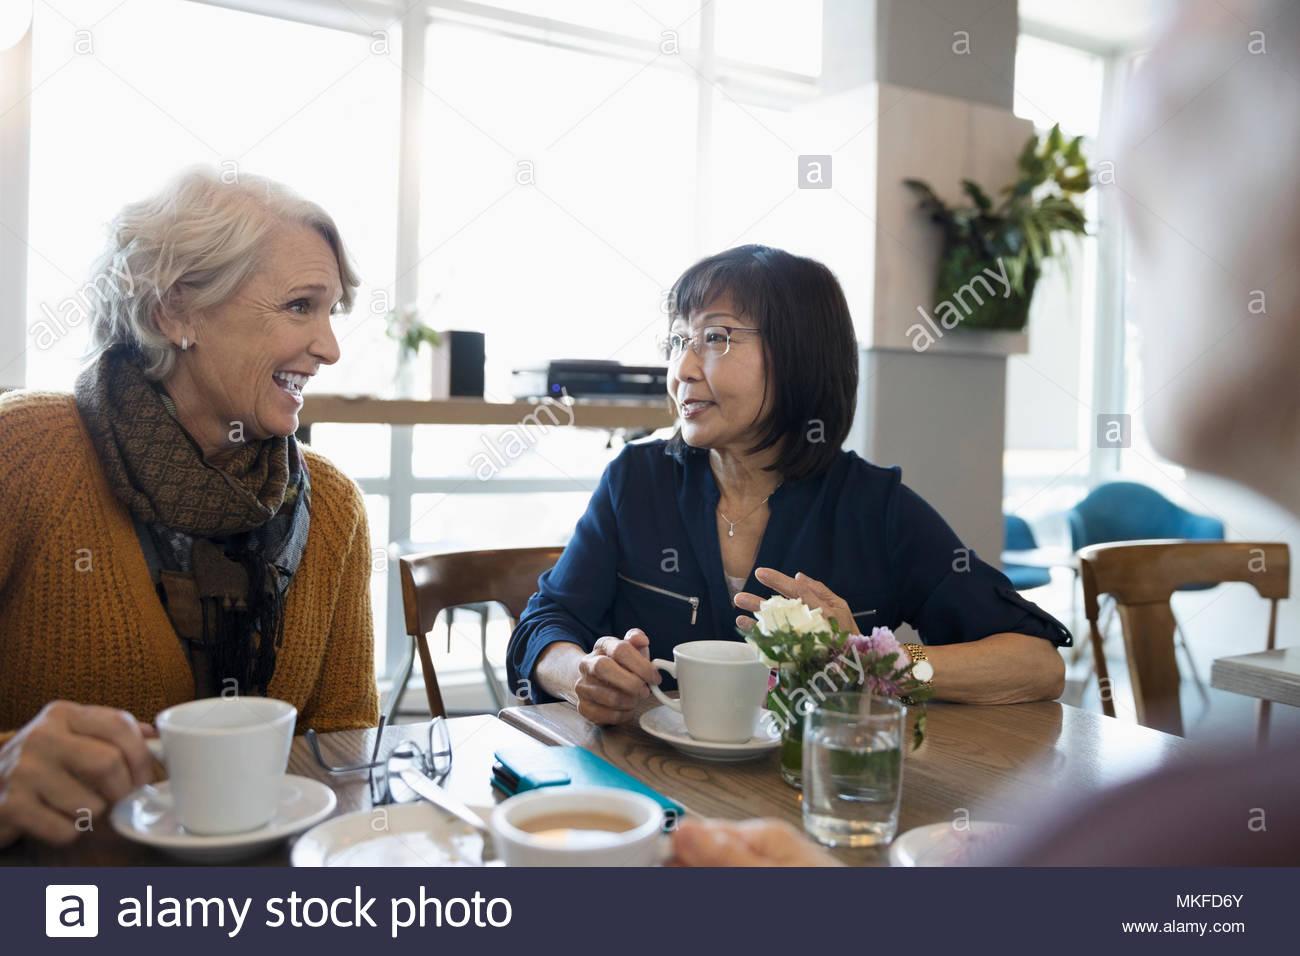 Las mujeres ancianas activas amigos bebiendo café en el café Imagen De Stock